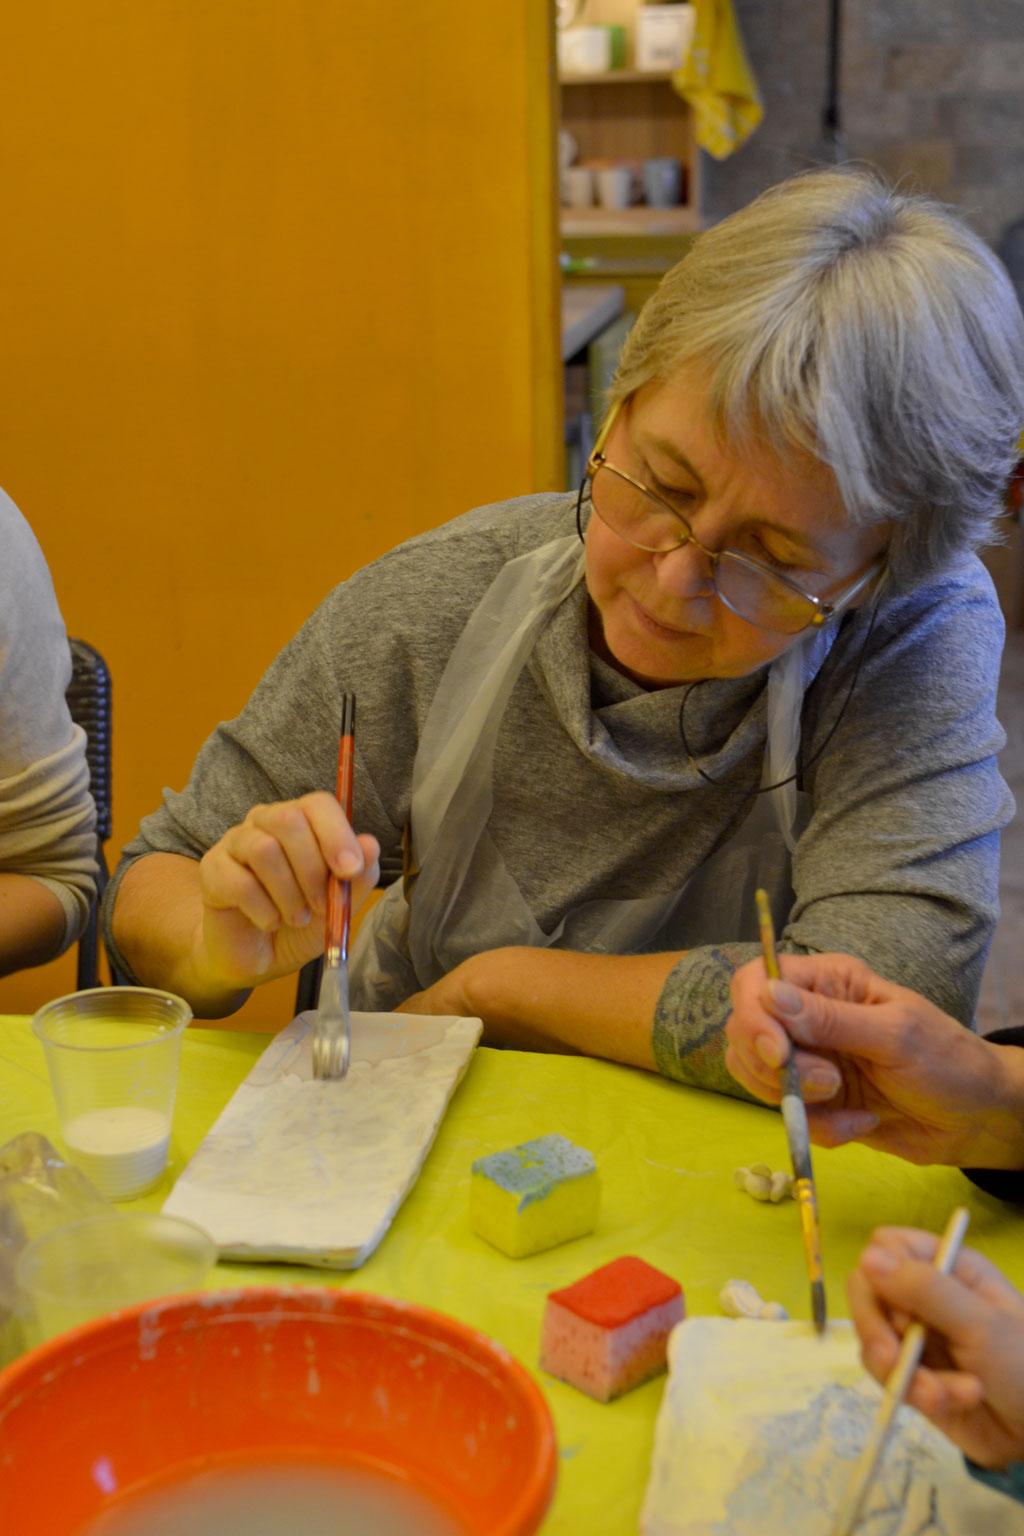 Мастер-класс по керамике «Посуда для души!» 2 часть 3 марта - фото